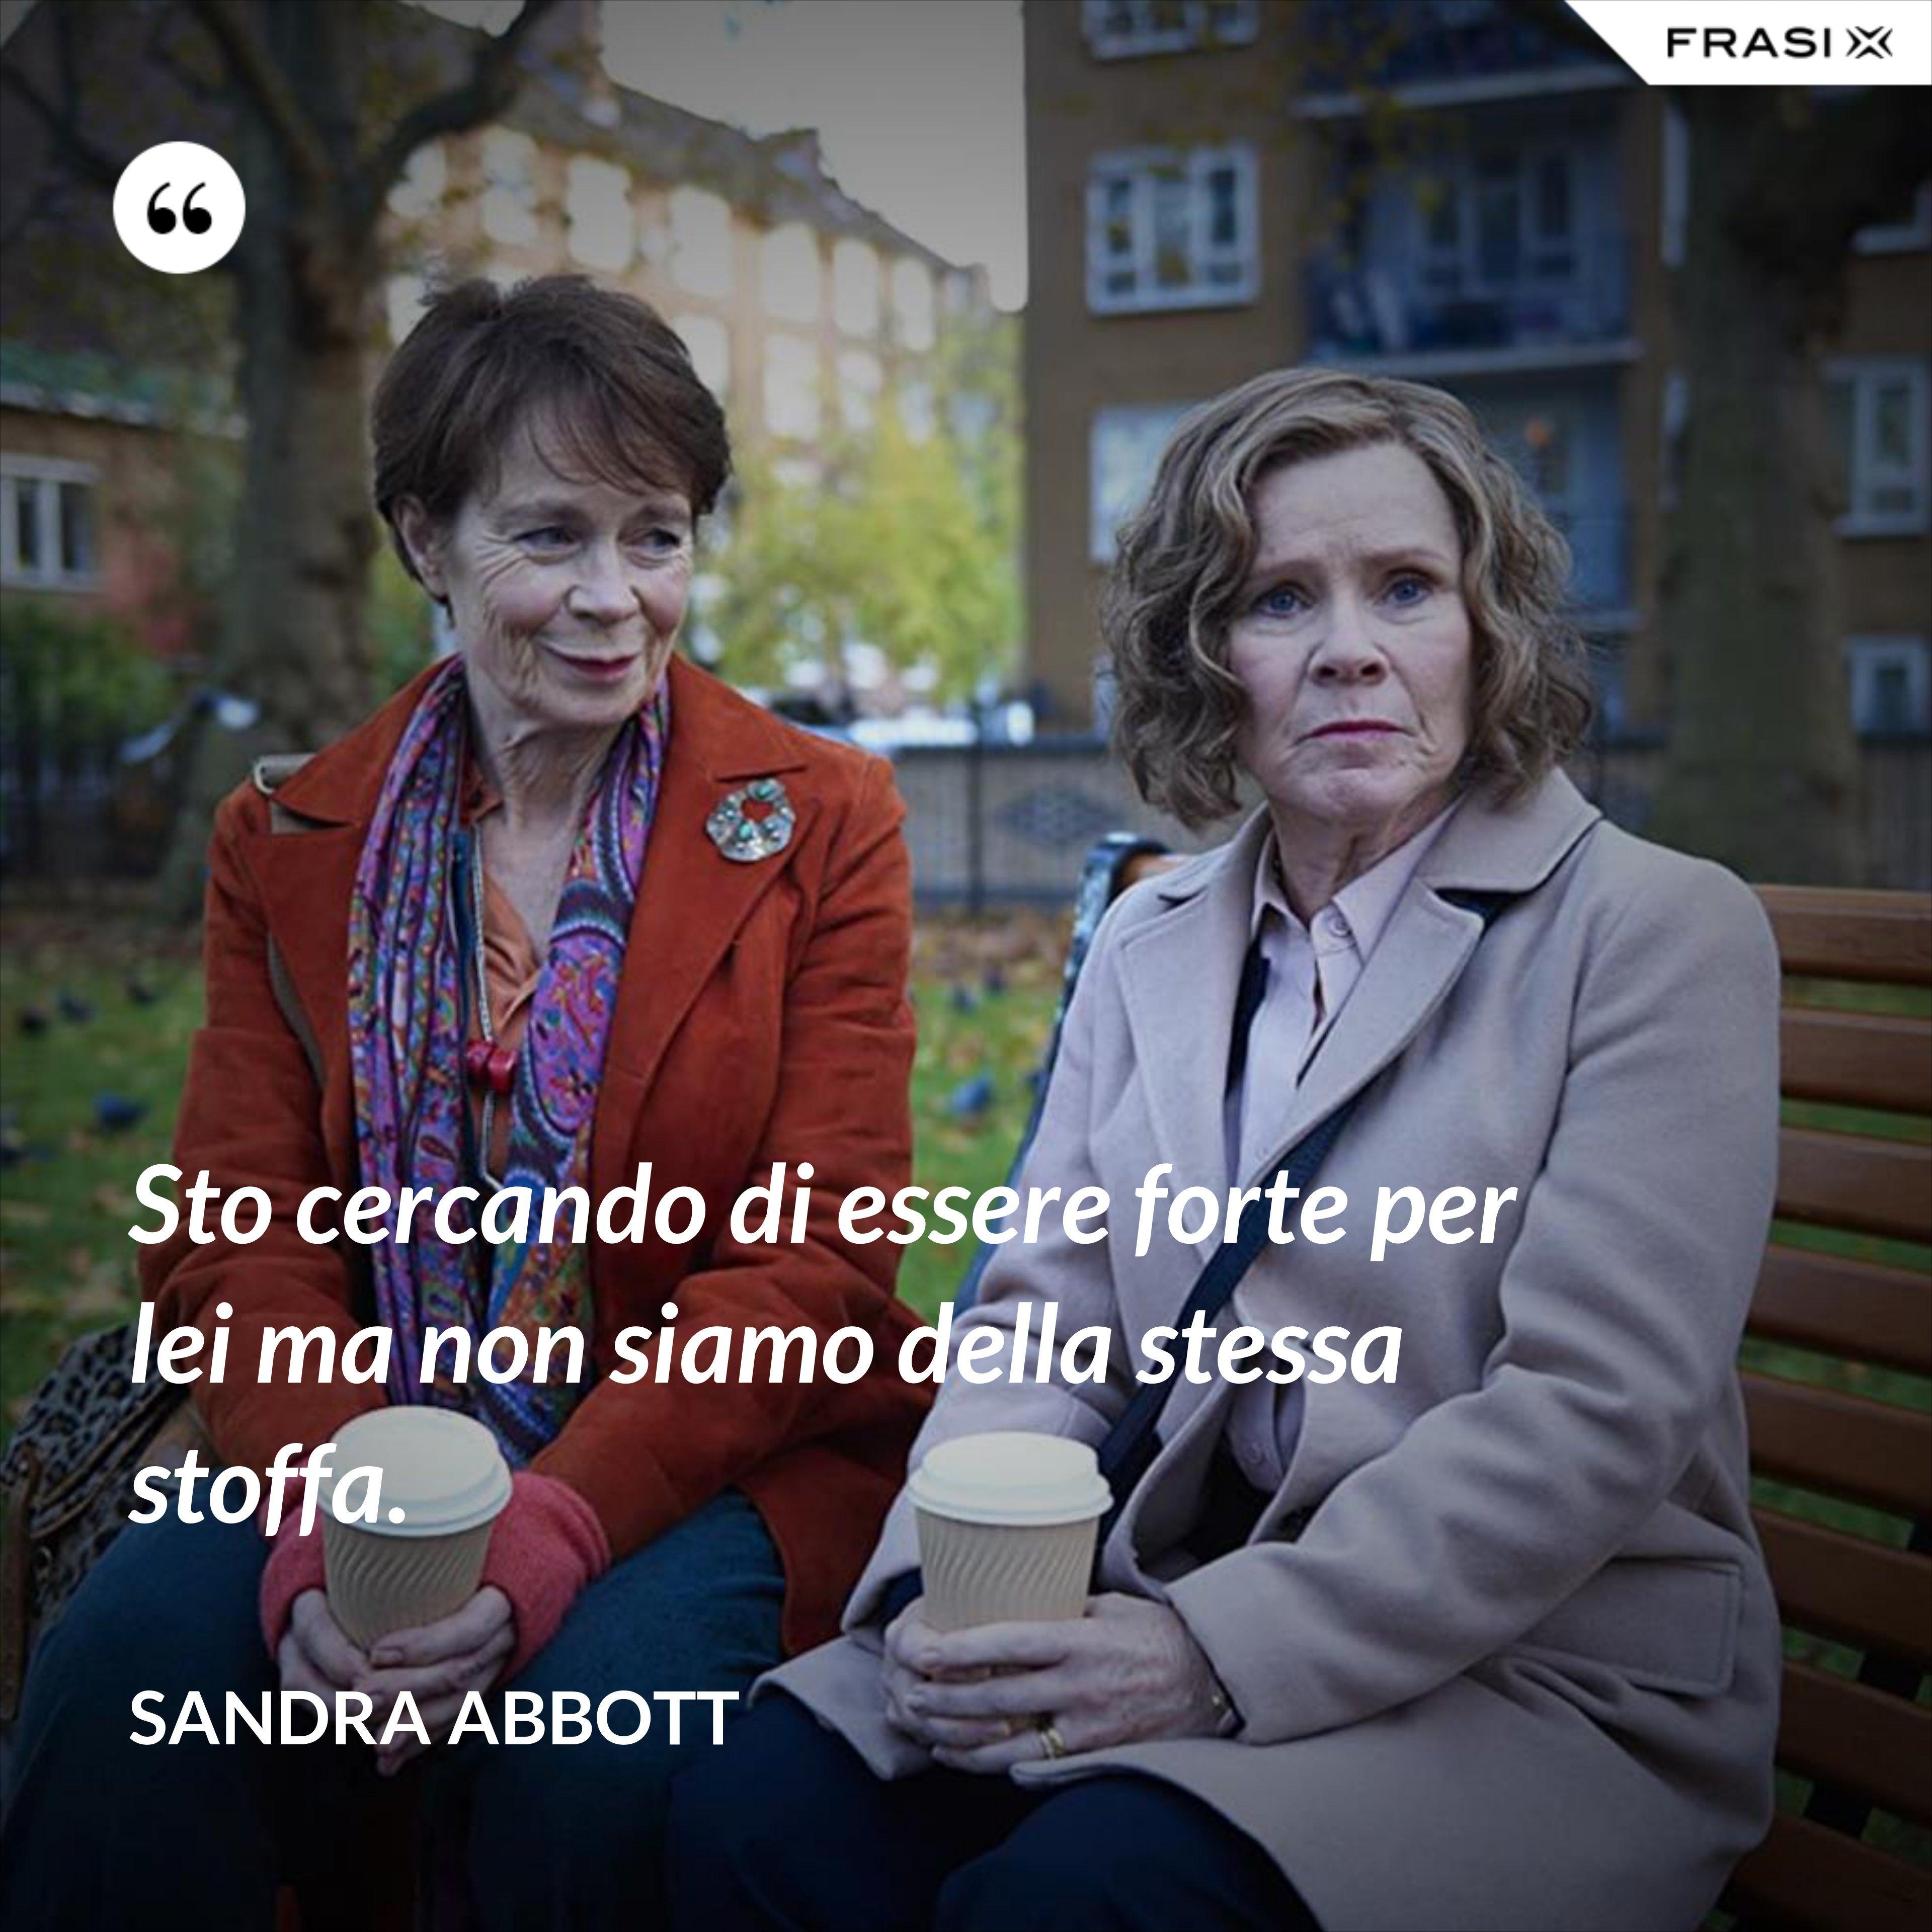 Sto cercando di essere forte per lei ma non siamo della stessa stoffa. - Sandra Abbott